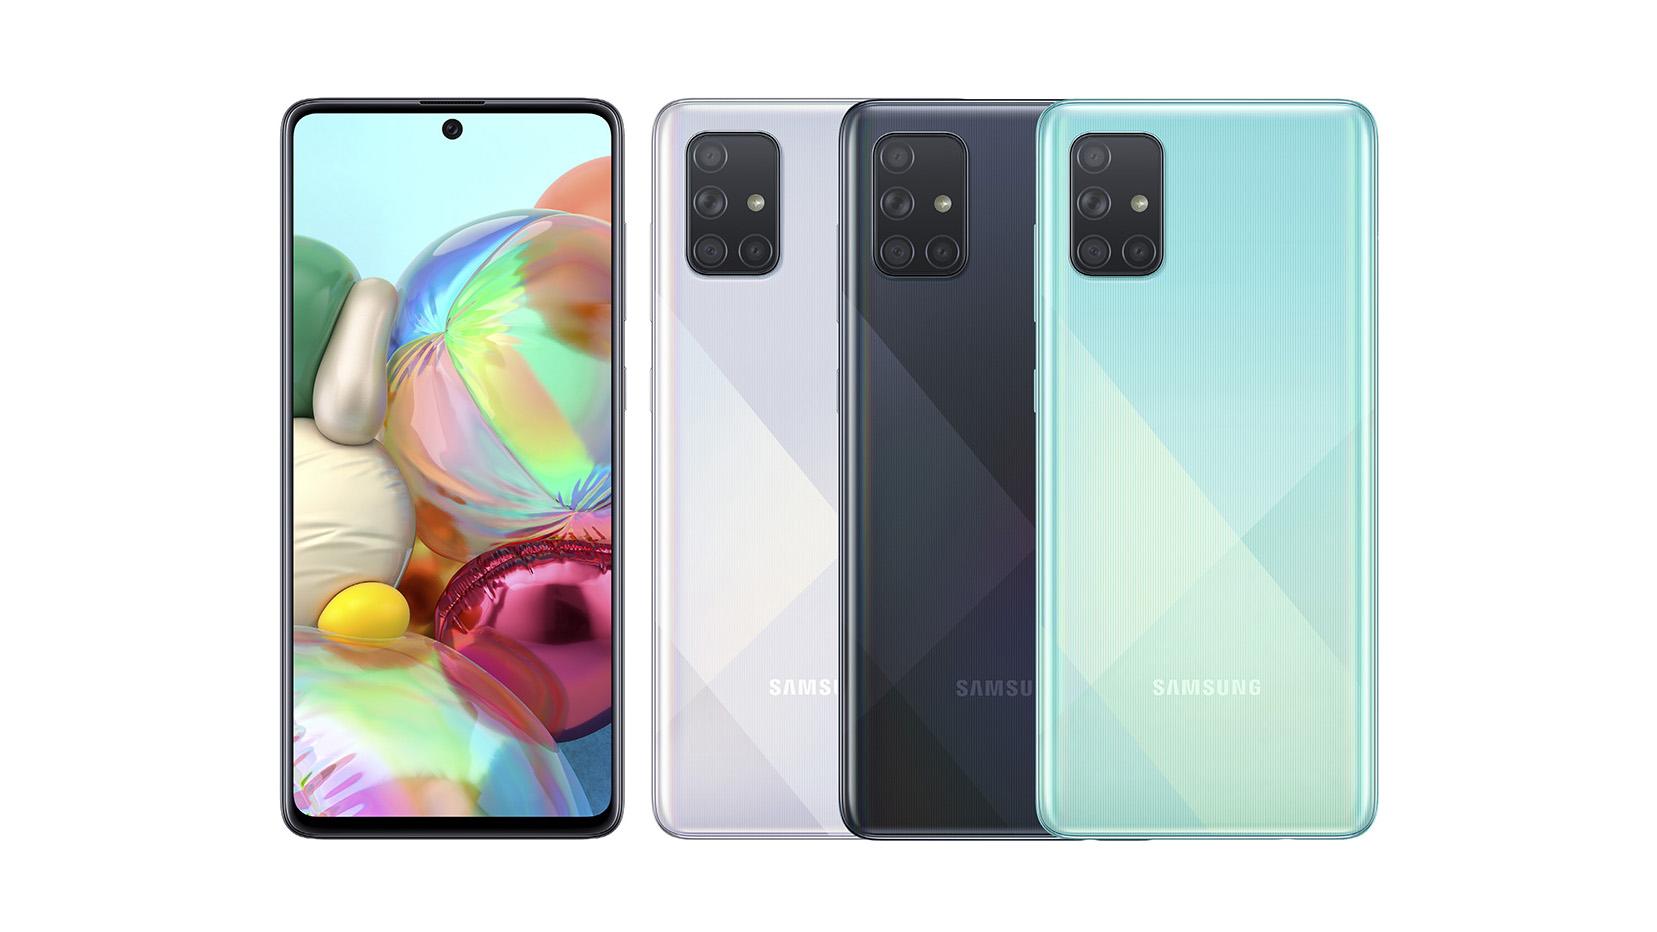 Samsung chính thức ra mắt Galaxy A71: 4 camera lên tới 64MP, pin 4500mAh, sạc nhanh 25W giá 10,49 triệu